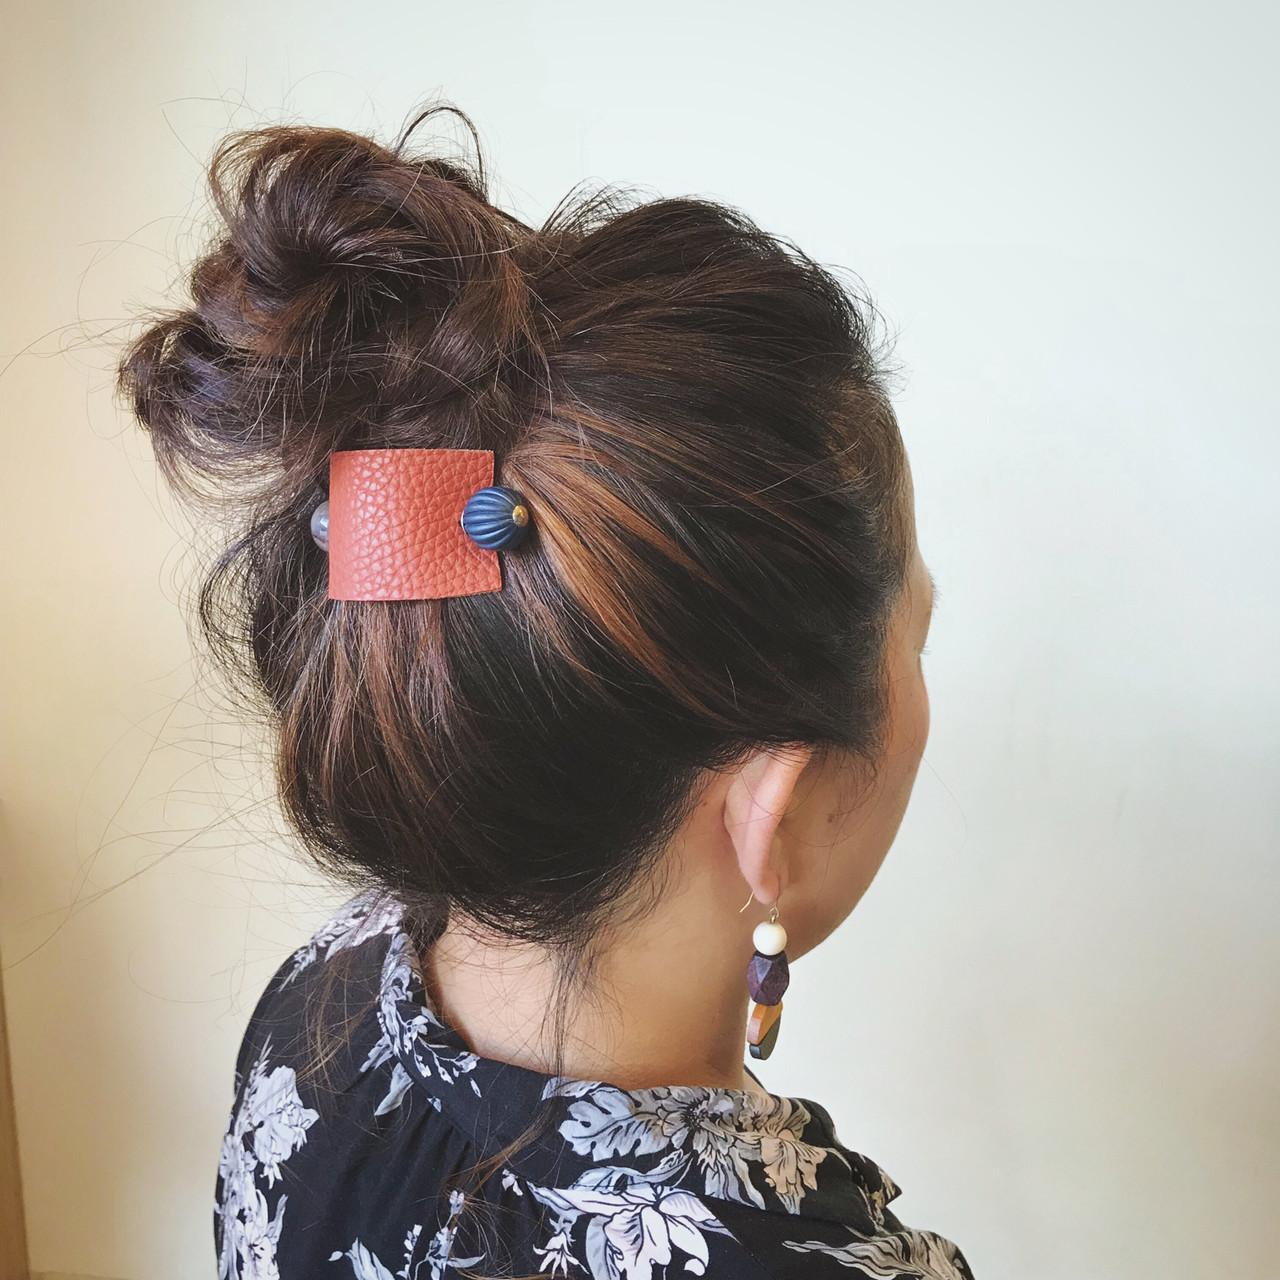 お団子アレンジ スポーツ おだんご 簡単ヘアアレンジ ヘアスタイルや髪型の写真・画像